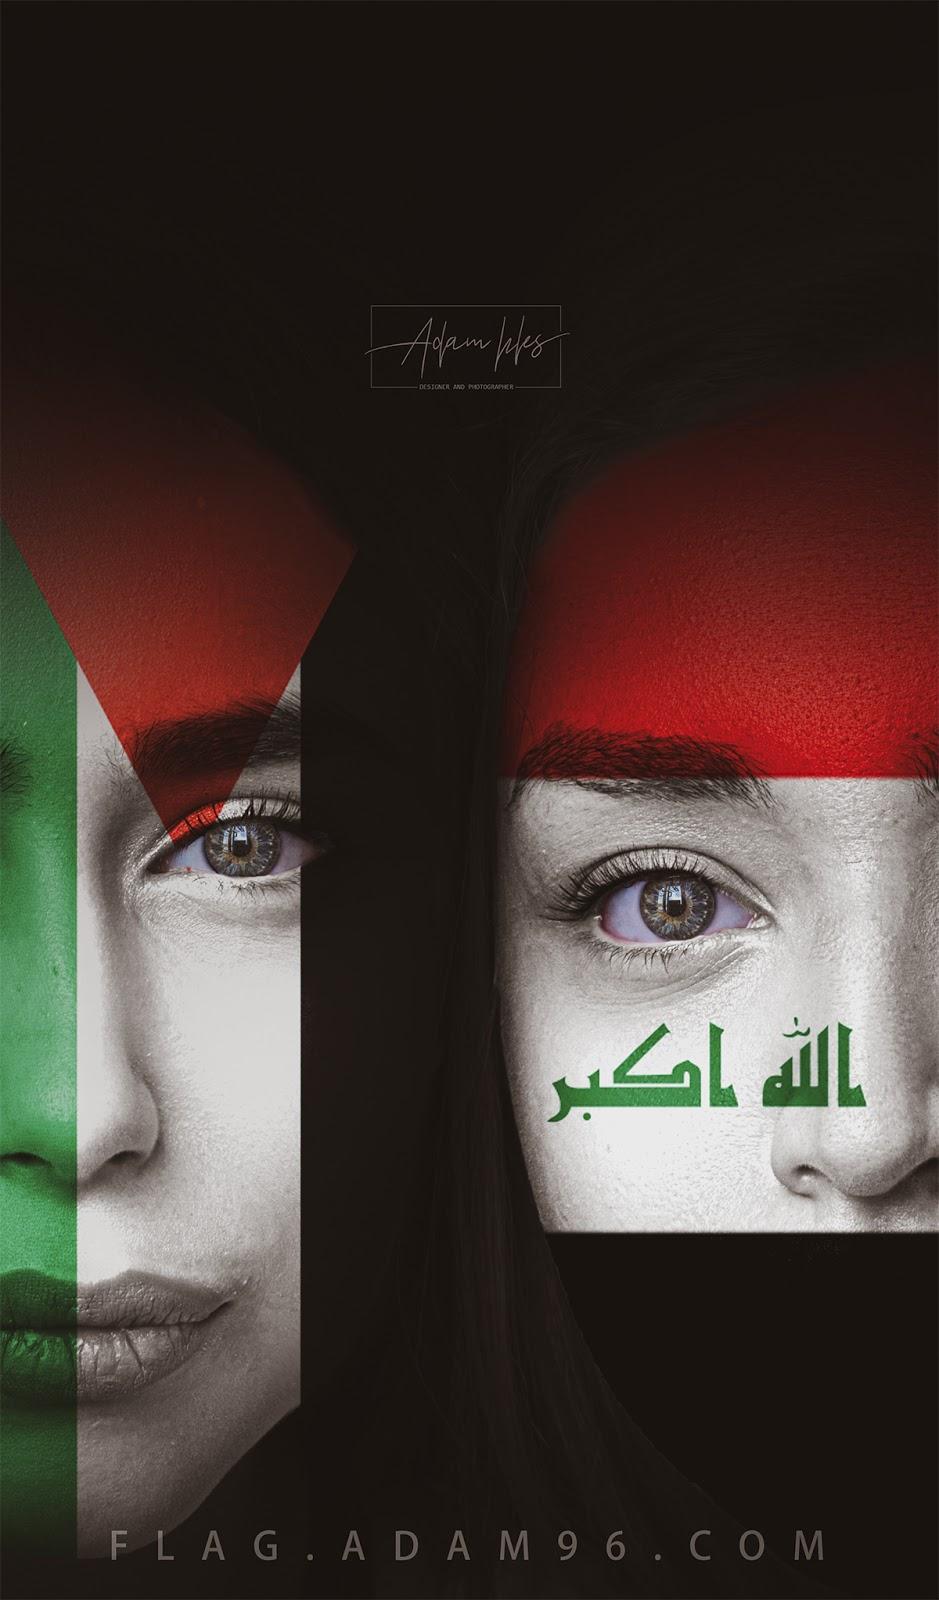 اعلام الوطن العربي رائعة